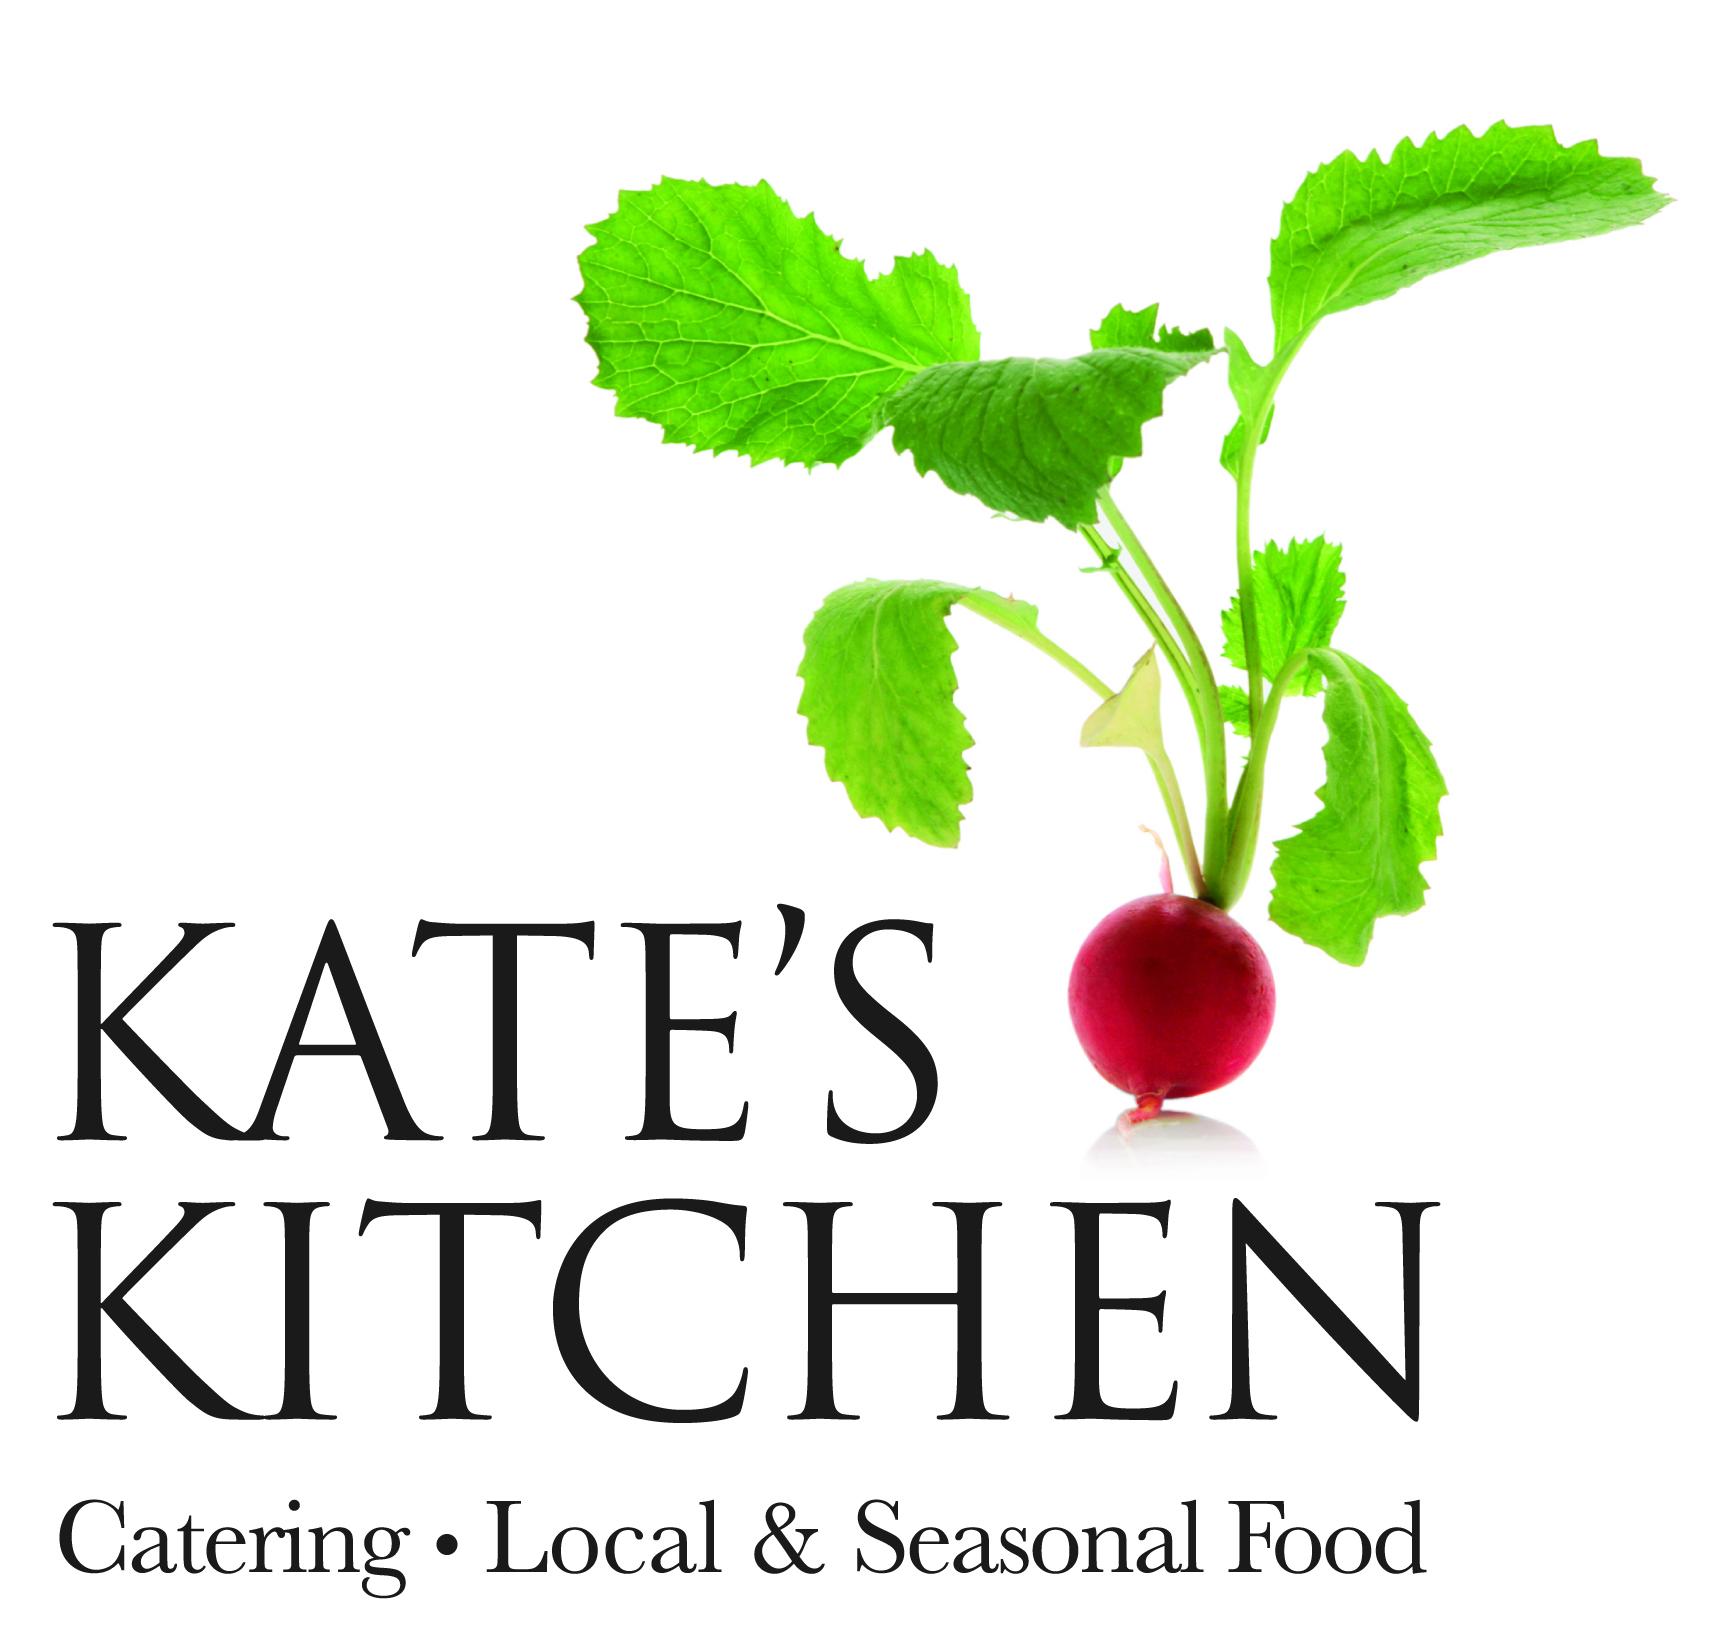 kates kitchen logo 1 (002).jpg